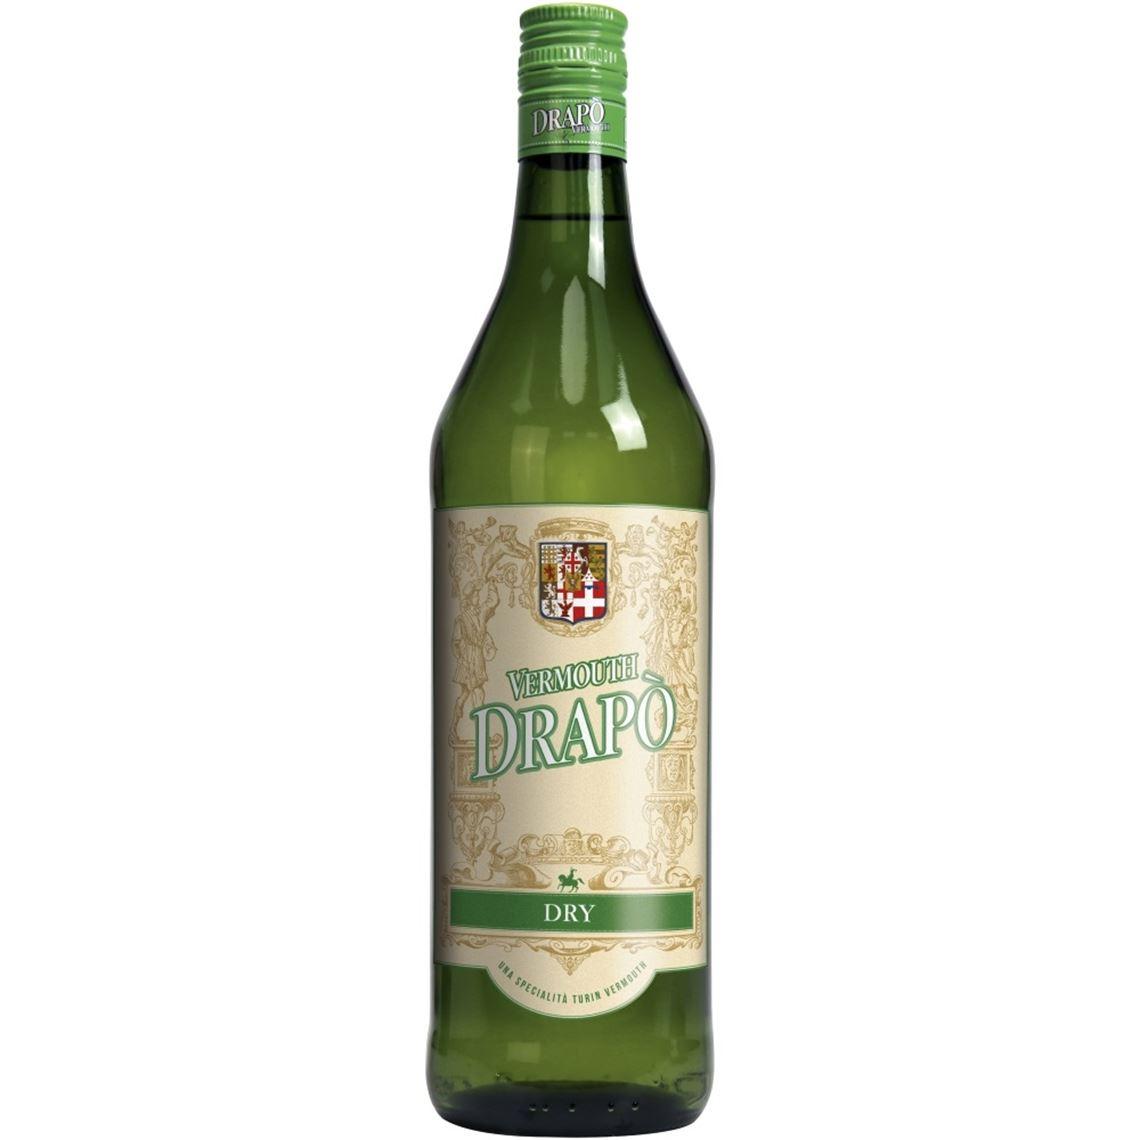 Vermouth Drapo Dry 18%